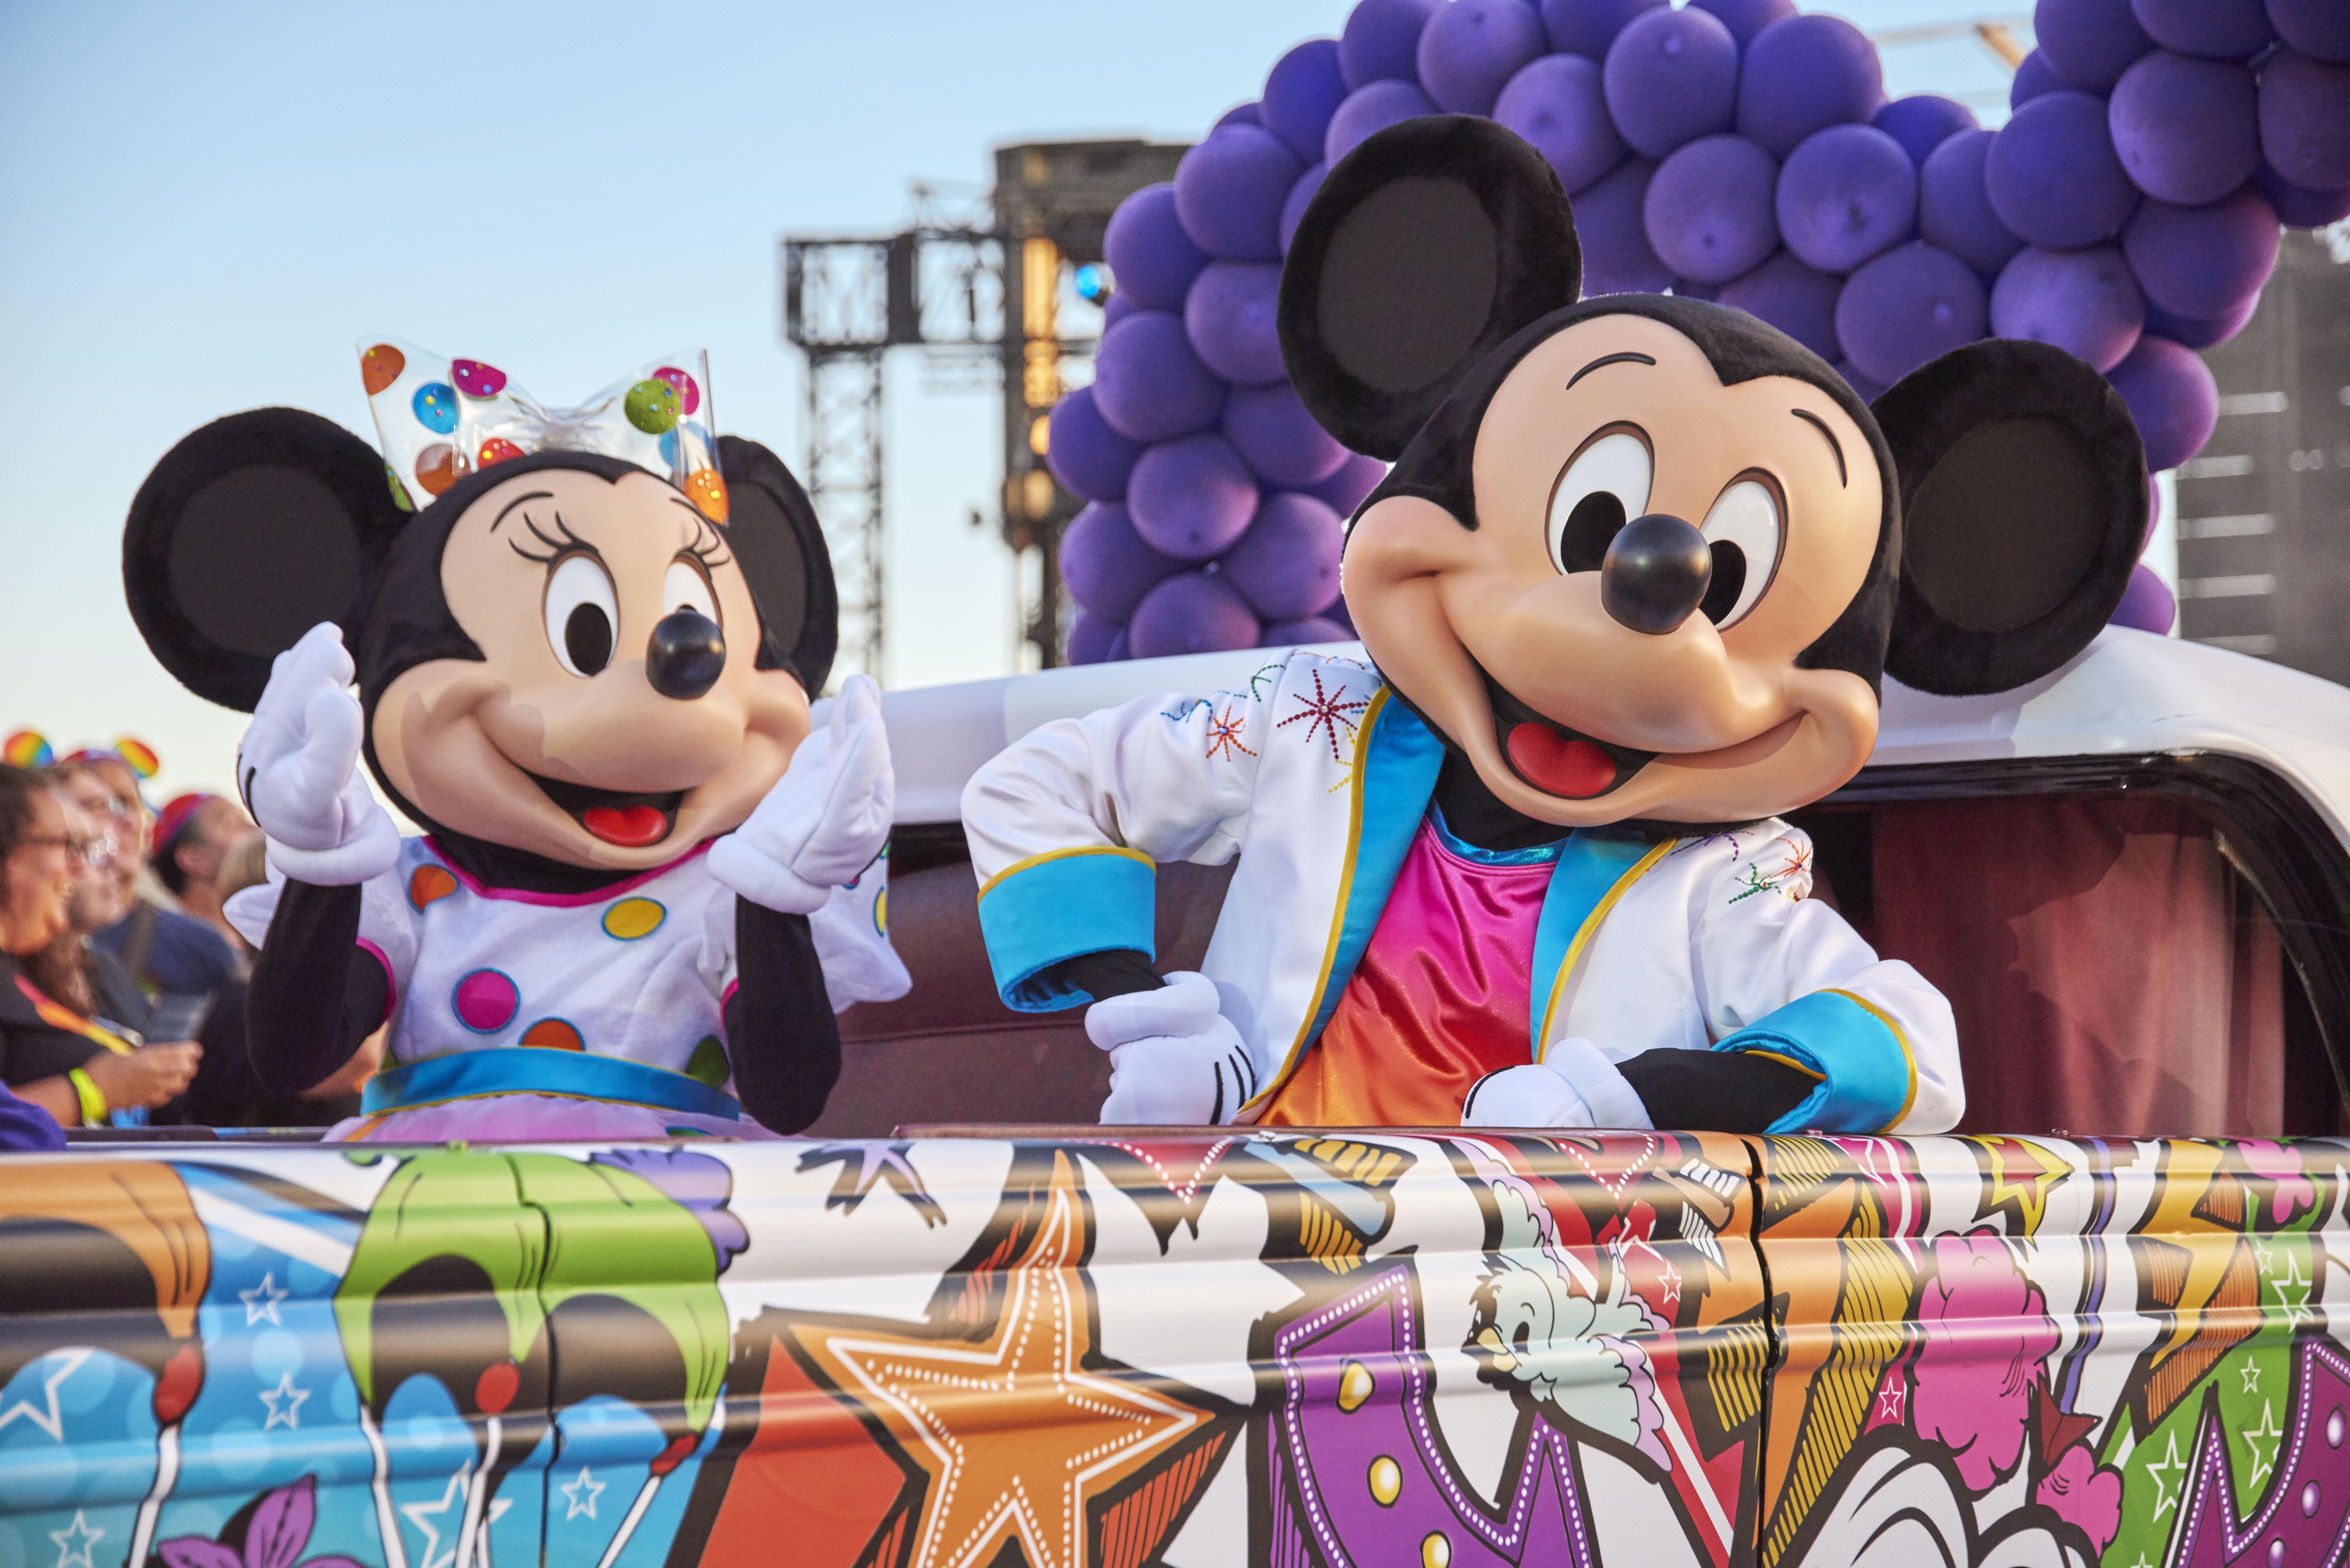 Magical Pride at Disneyland Paris 2020